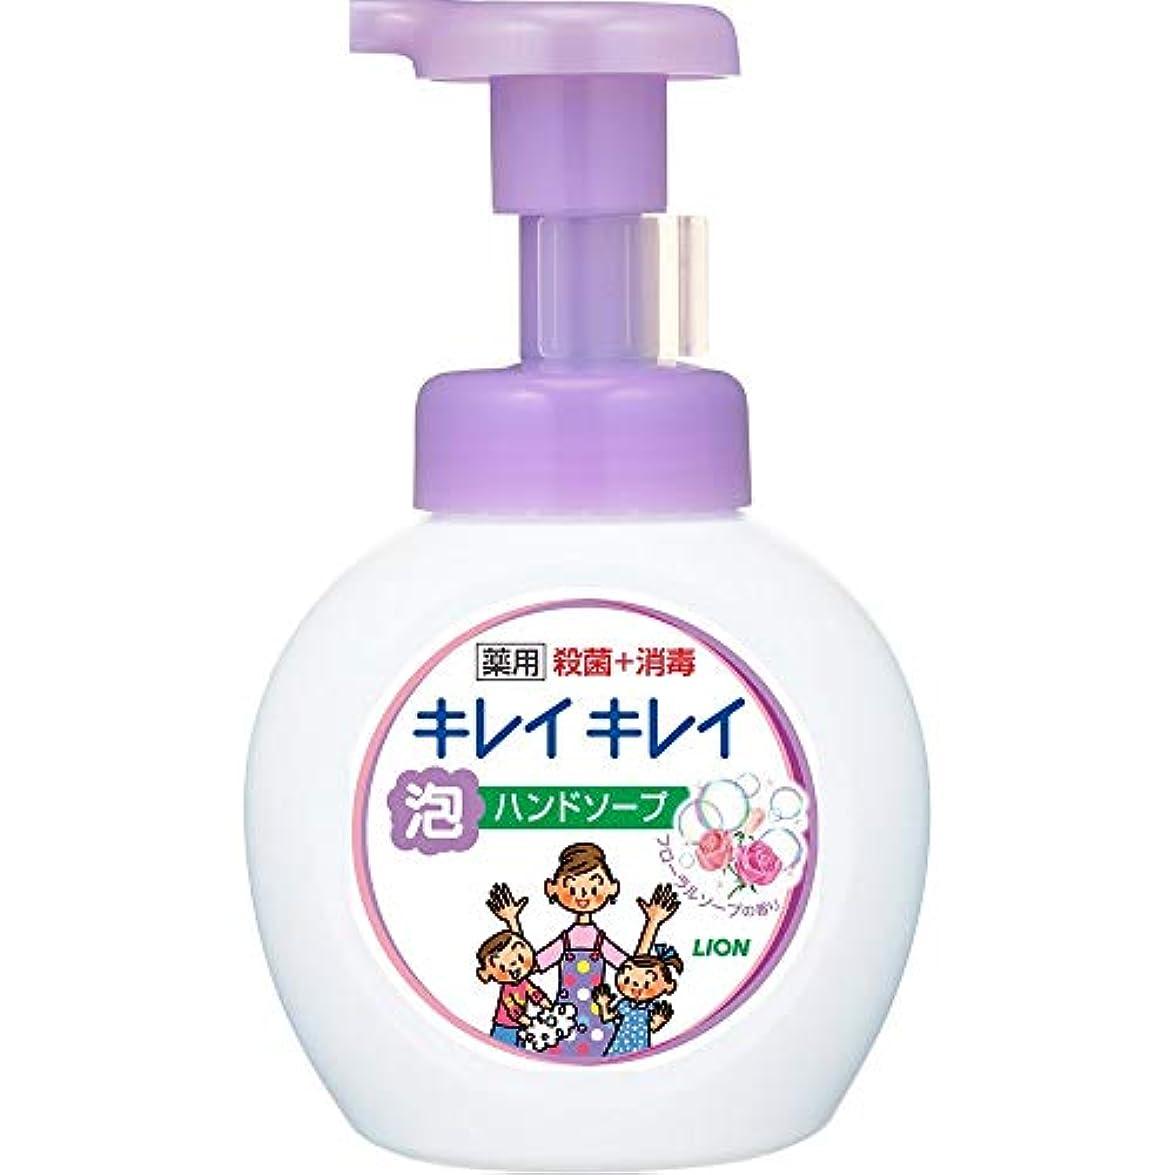 ほこりマイクジャニスキレイキレイ薬用泡ハンドソープ フローラルソープの香り 本体250mL+詰替450mL